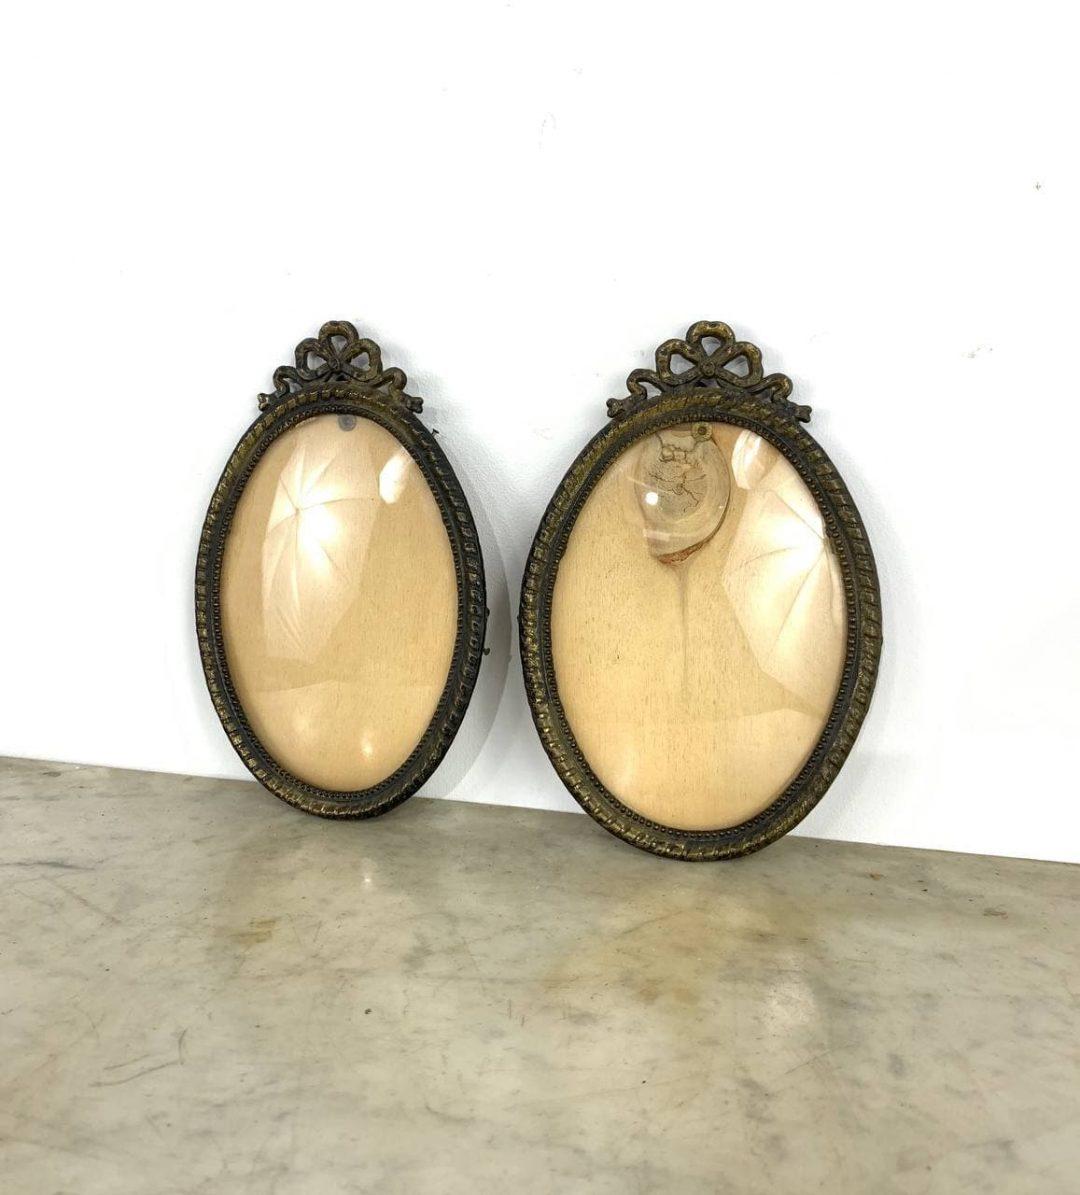 Антикварная пара бронзовых рамок с выпуклым стеклом